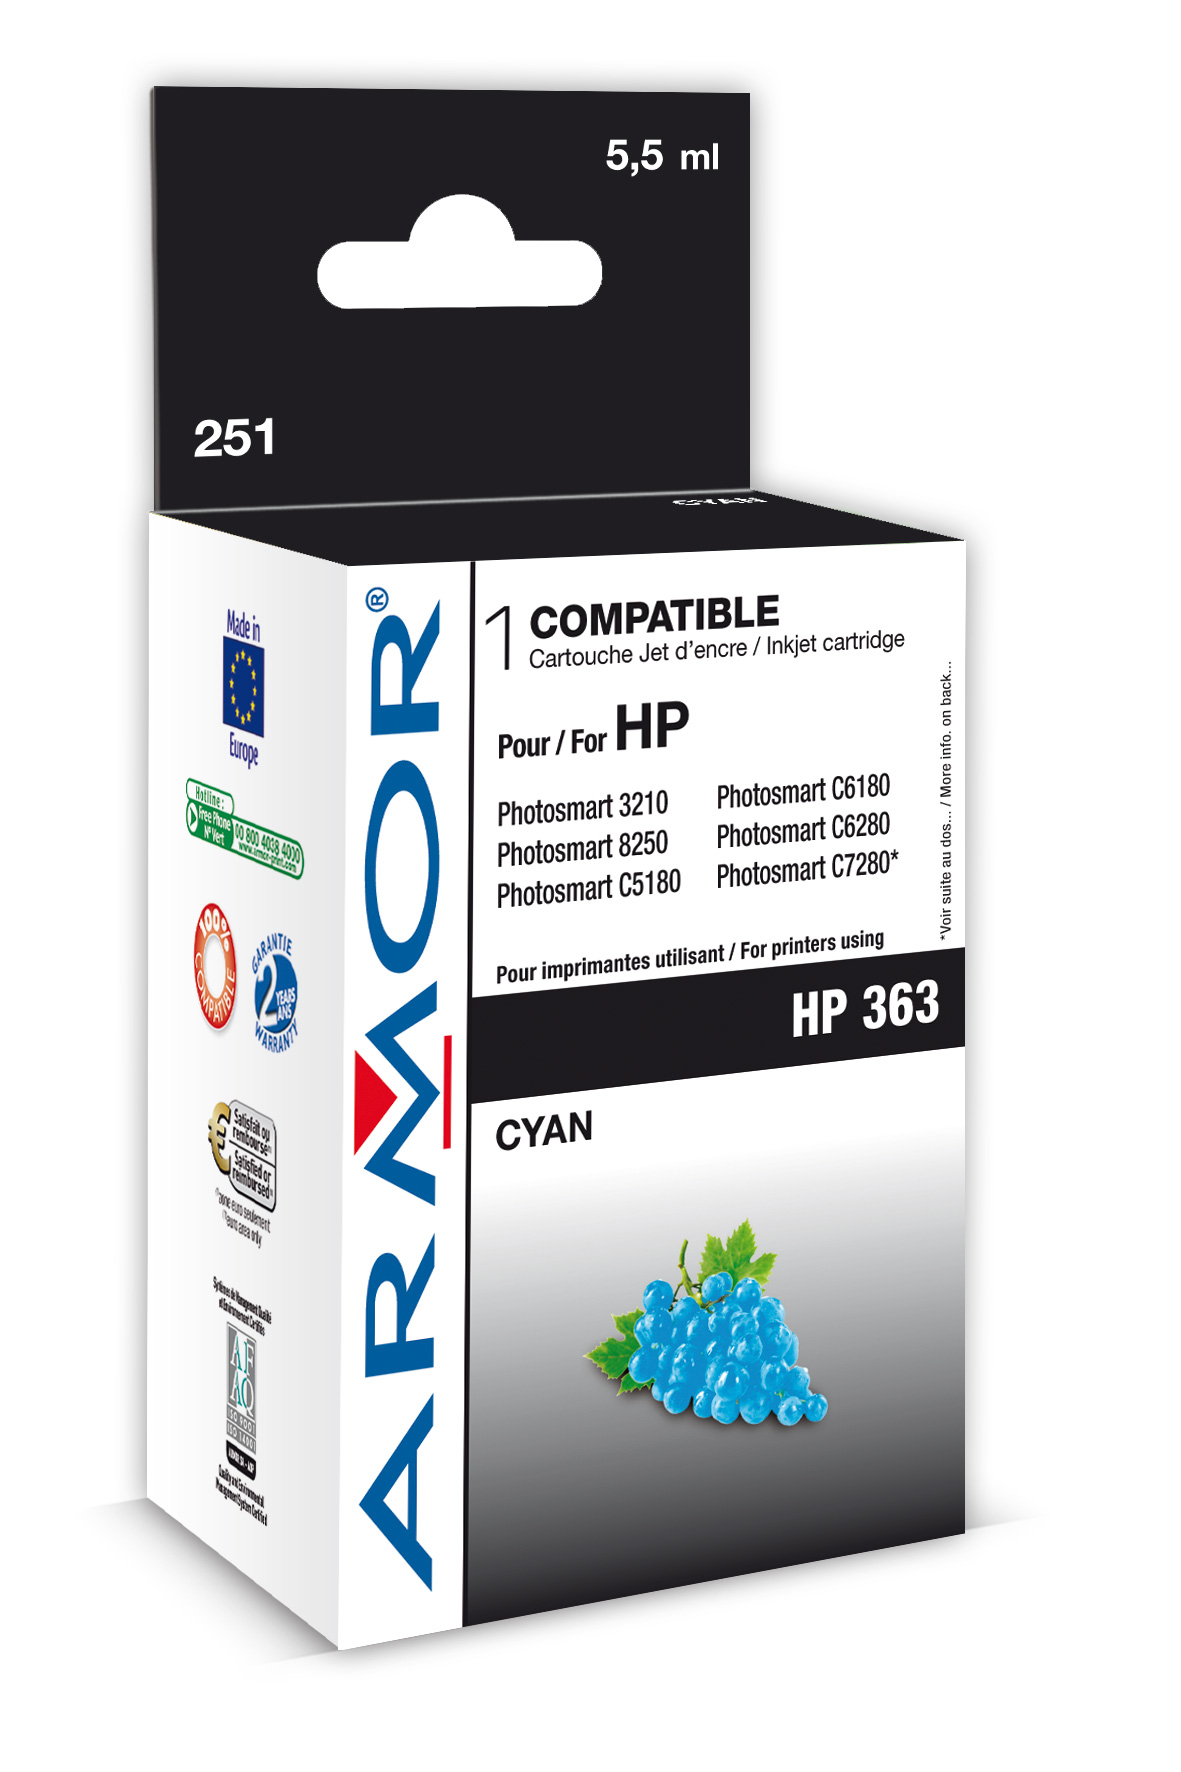 Armor ink-jet pro HP PSC3210 4ml C8771E Cyan